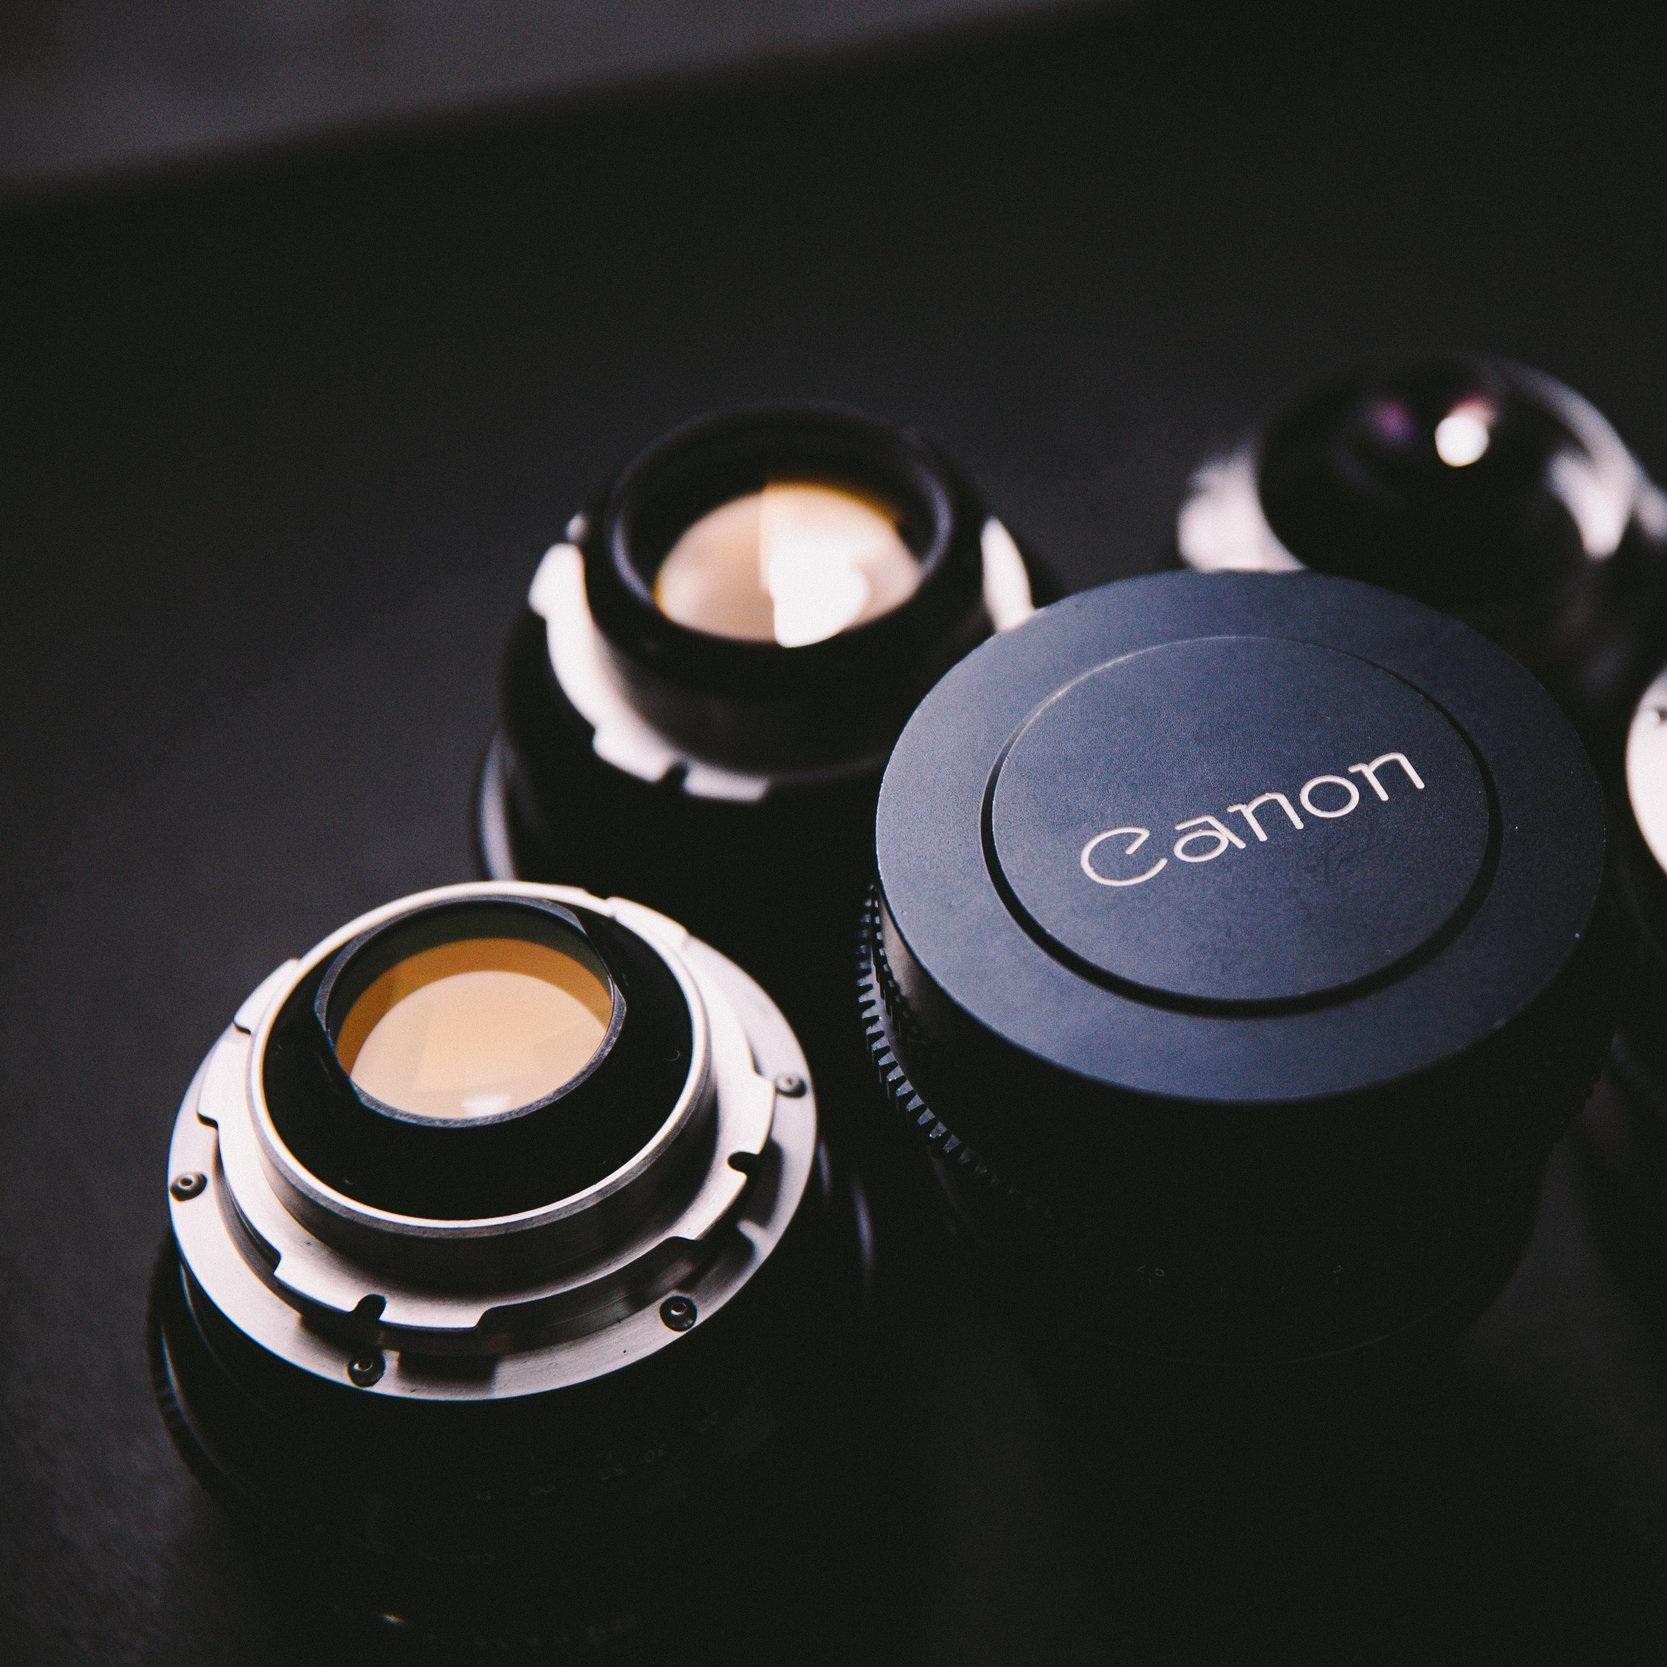 Canon K35 Primes Offer A Vintage Look For Full Frame Sensors